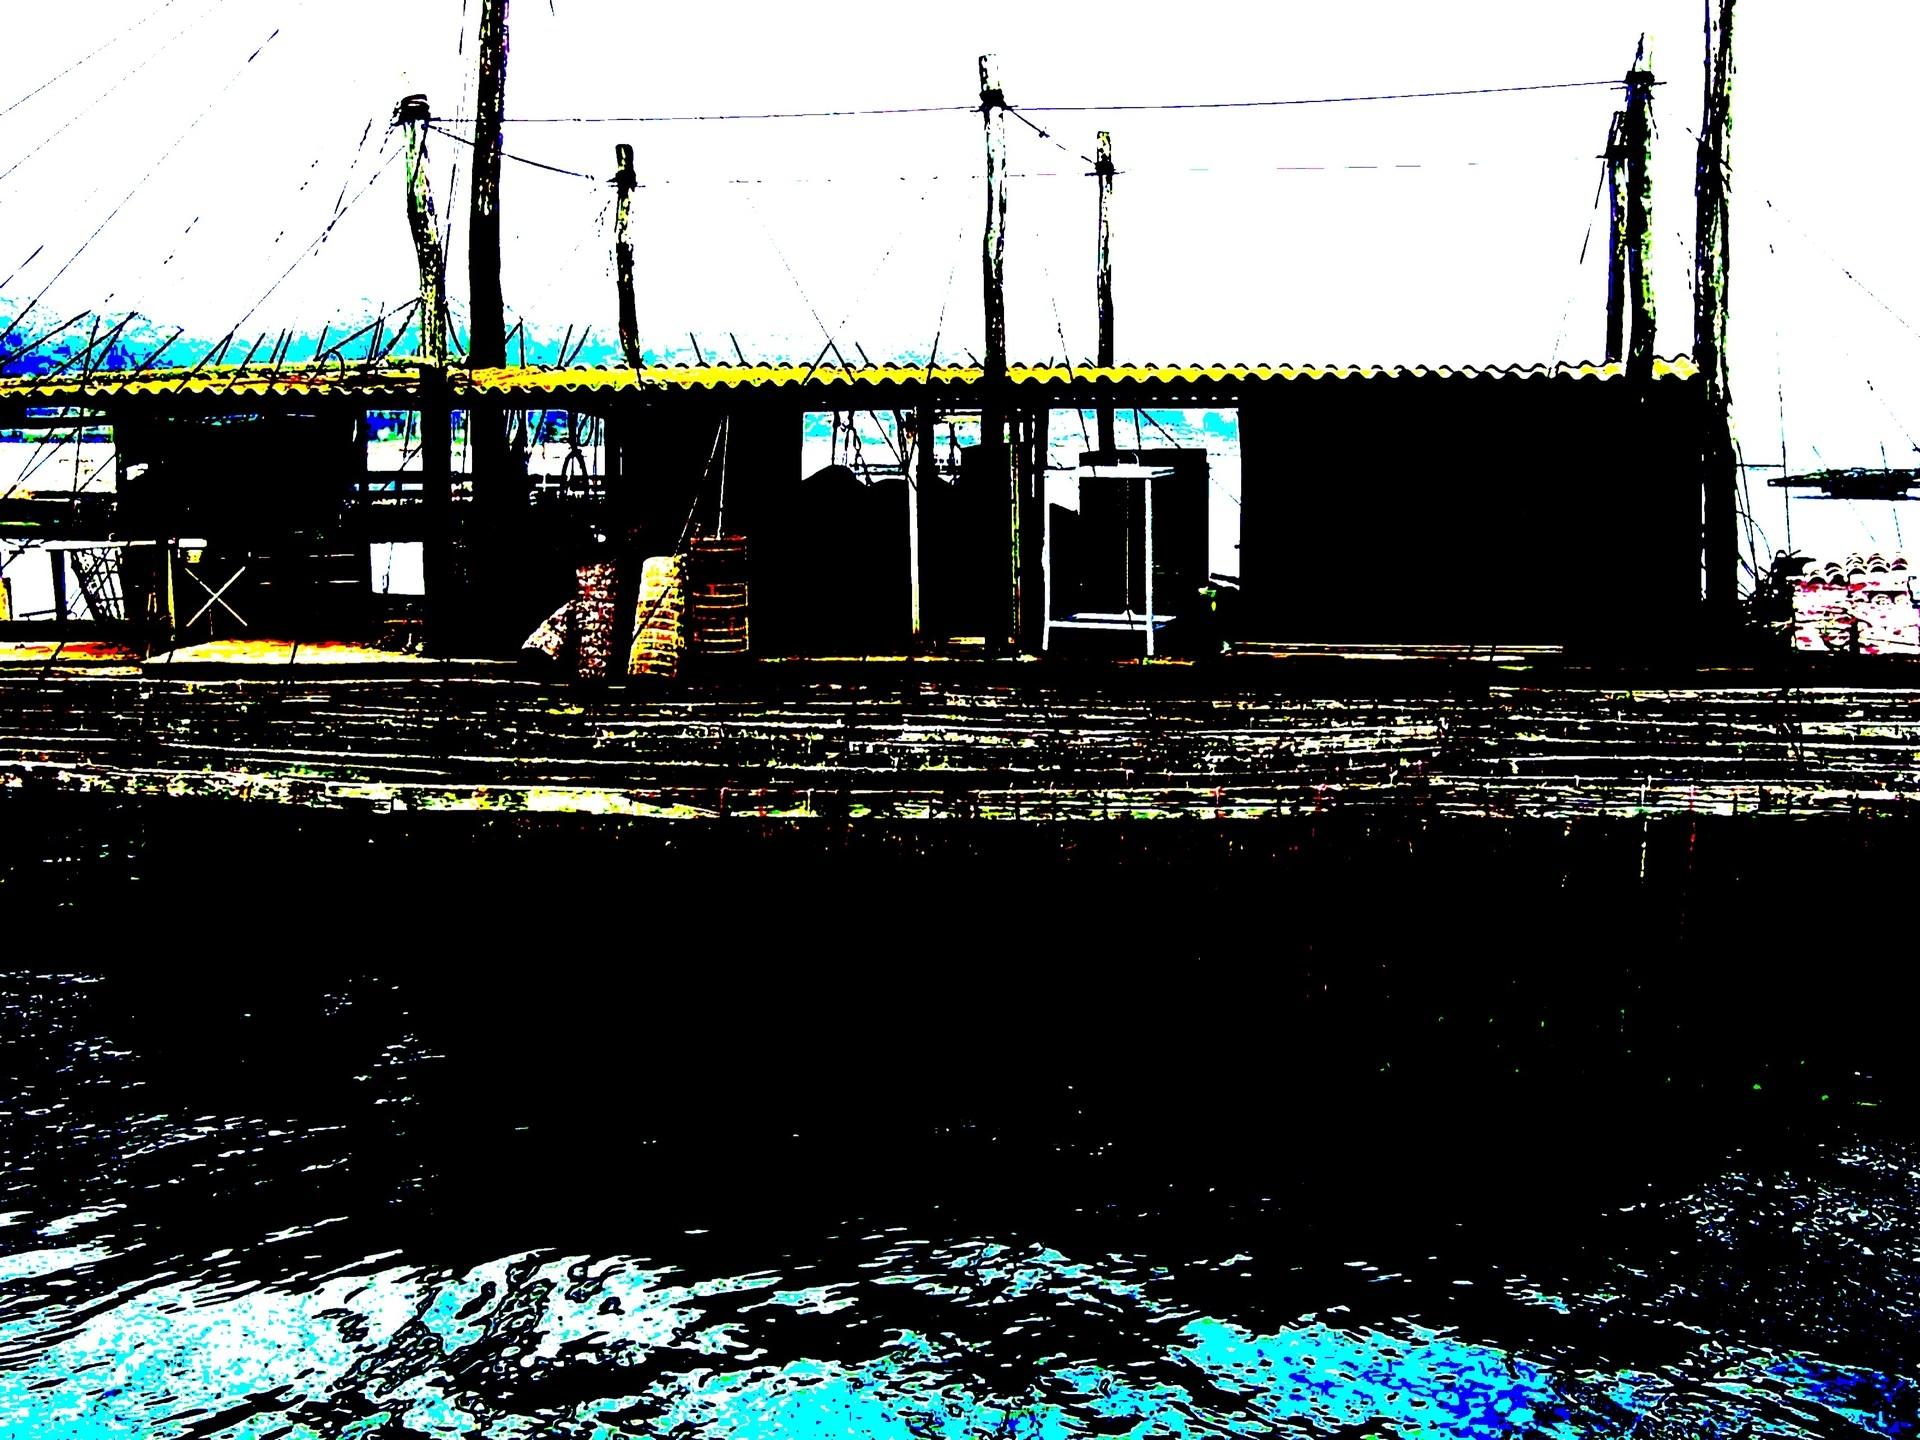 Ladislau da Regueira | Projecto Batea # Batea no Mar (2008)